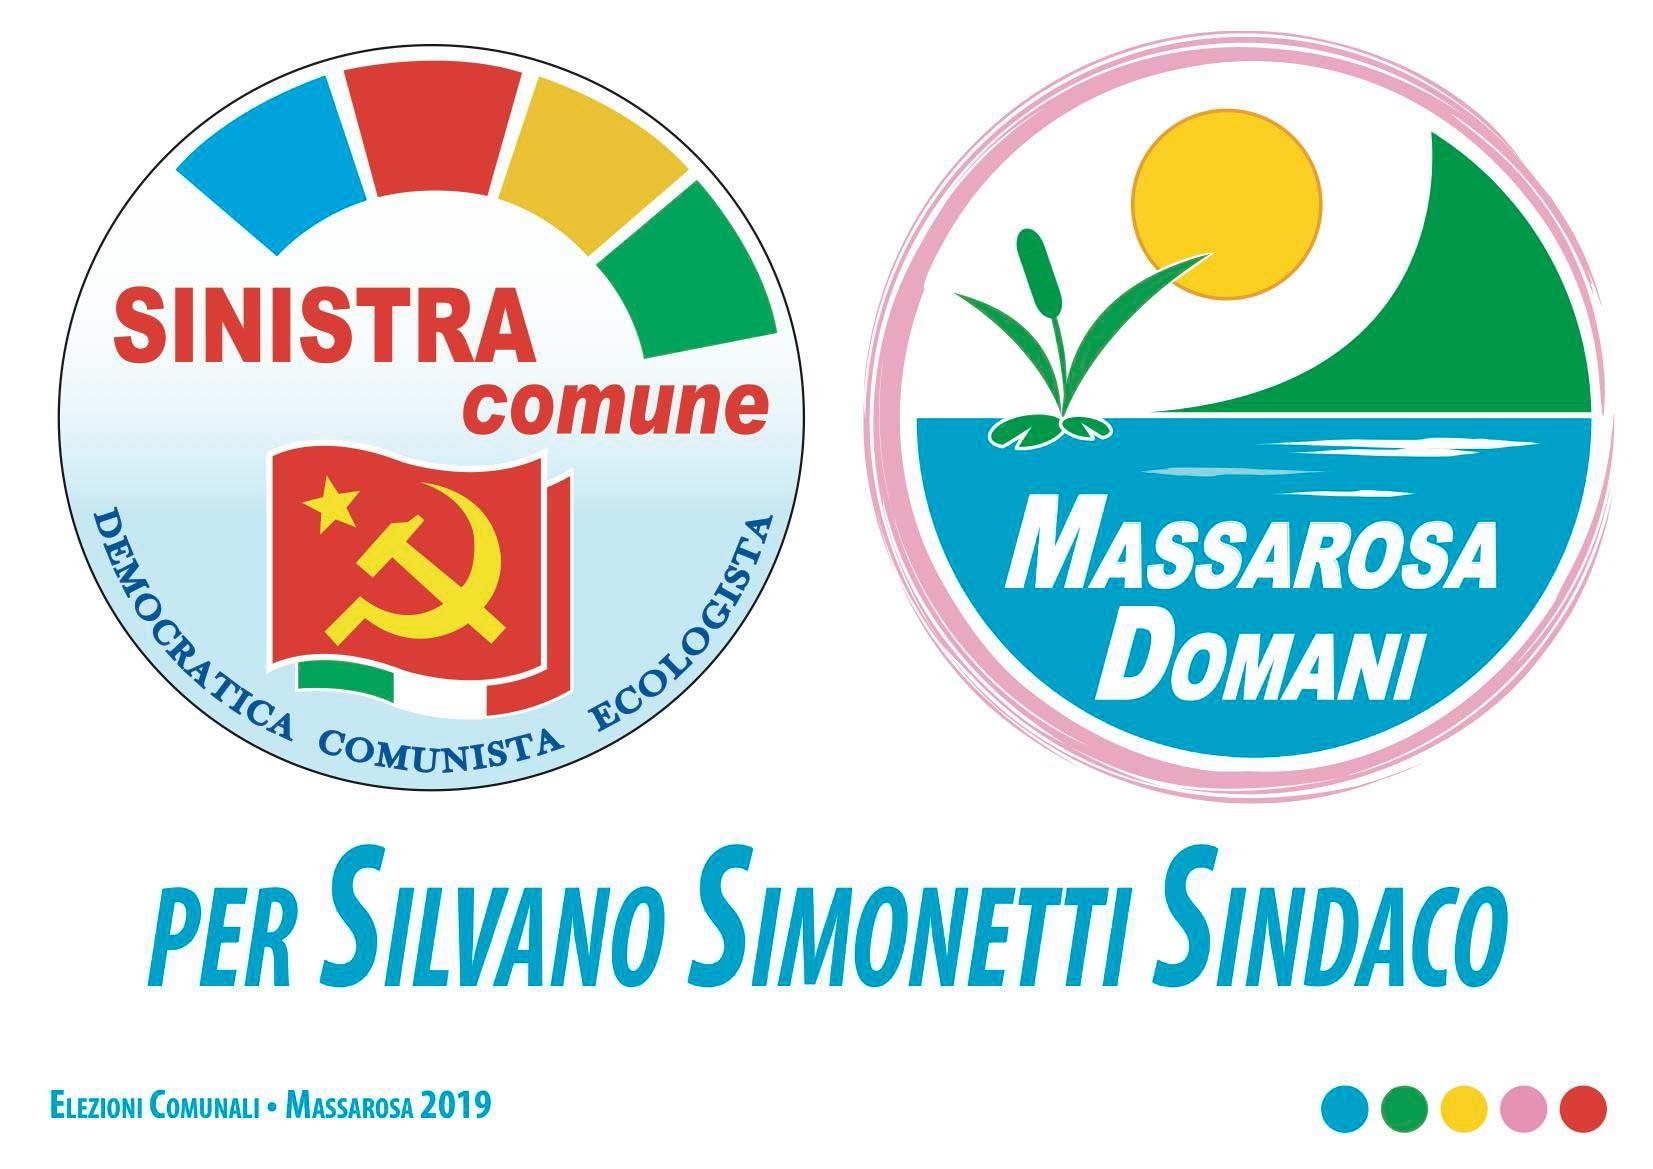 Silvano Simonetti candidato Sindaco per la Sinistra